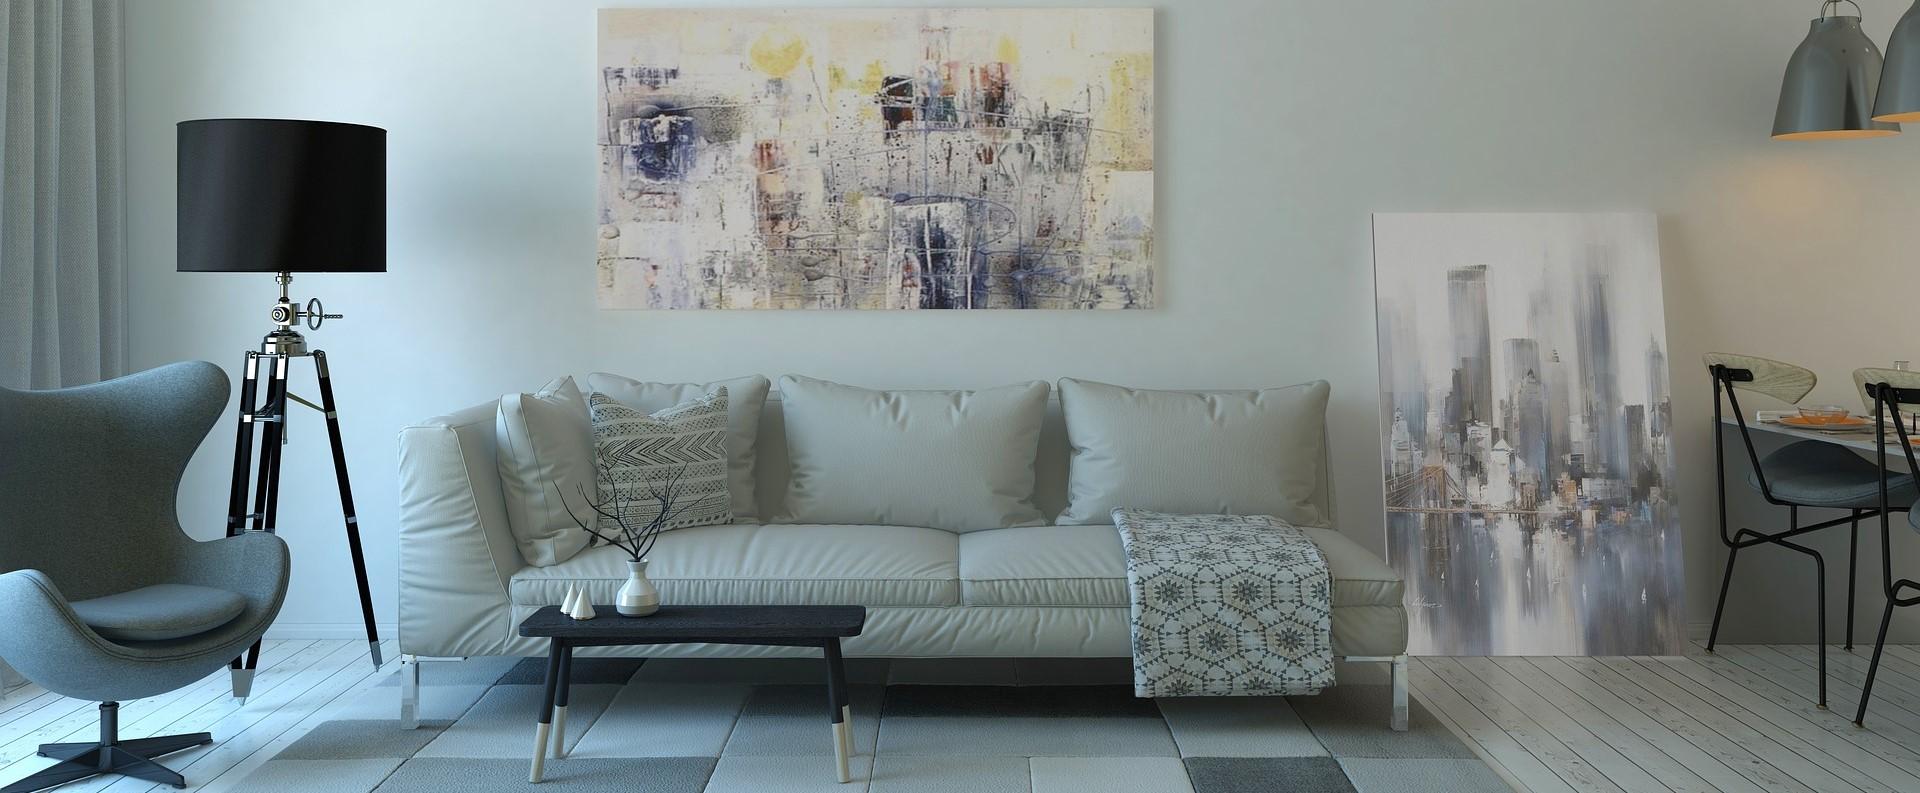 Quadri per soggiorno classico ii18 regardsdefemmes for Idee quadri soggiorno